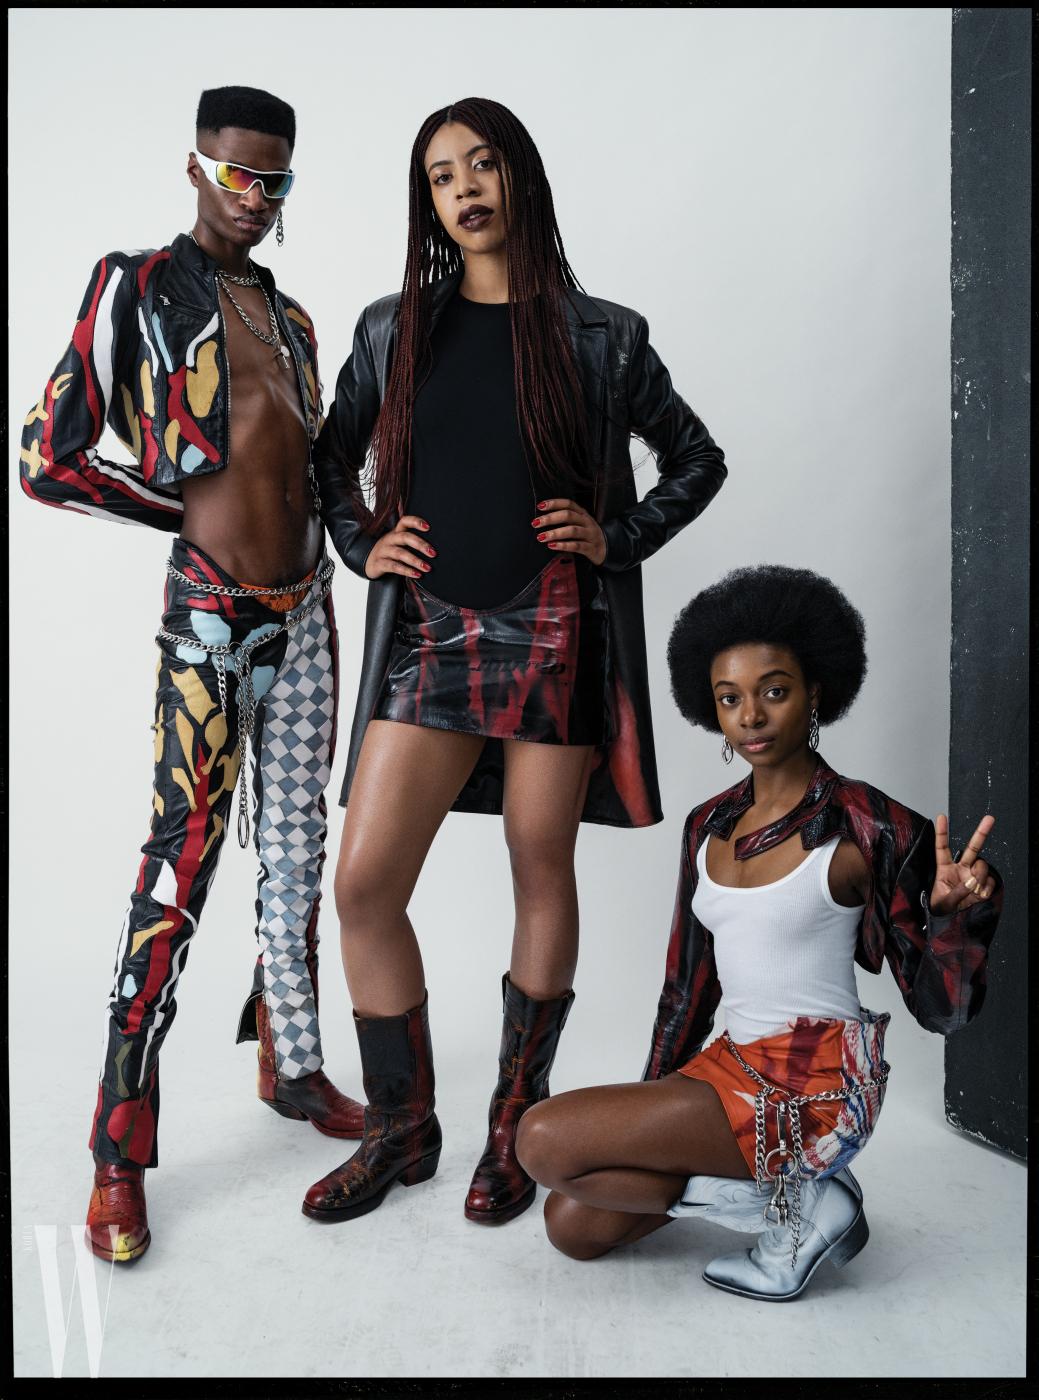 모델 트레이 게스킨과 디자이너 모와로라 오건레시, 맨 오른쪽 사진가 리아 딜런의 옷과 액세서리 모두 모와로라 오건레시. 오건레시가 입은 보디슈트는 월포드, 딜런이 입은 탱크톱은 빈스 제품.